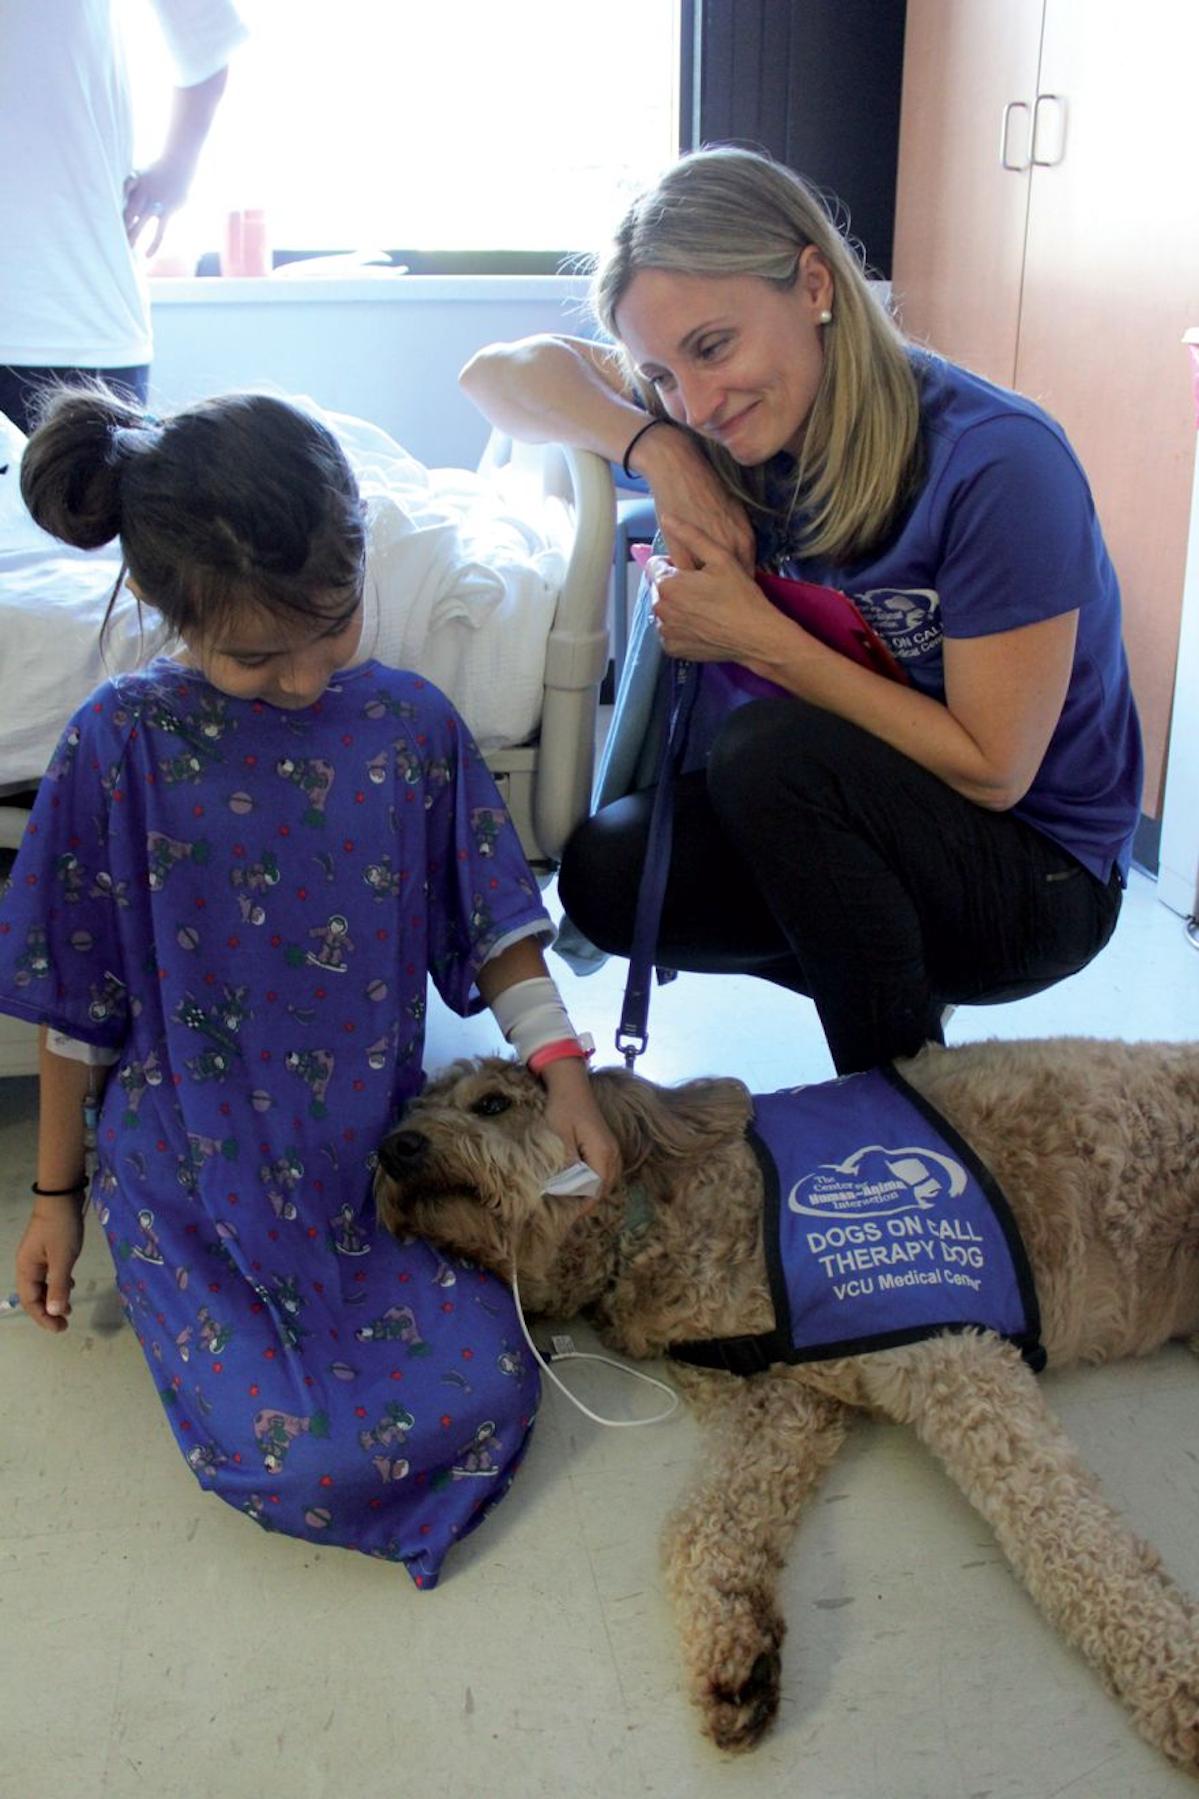 Abbildung 3. Das VCU Dogs on Call (DoC) Programm ist sehr erfolgreich. Teams mit Therapiehunden besuchen routinemäßig die meisten Bereiche des Krankenhauses. © Center for Human-Animal Interaction, School of Medicine, VCU